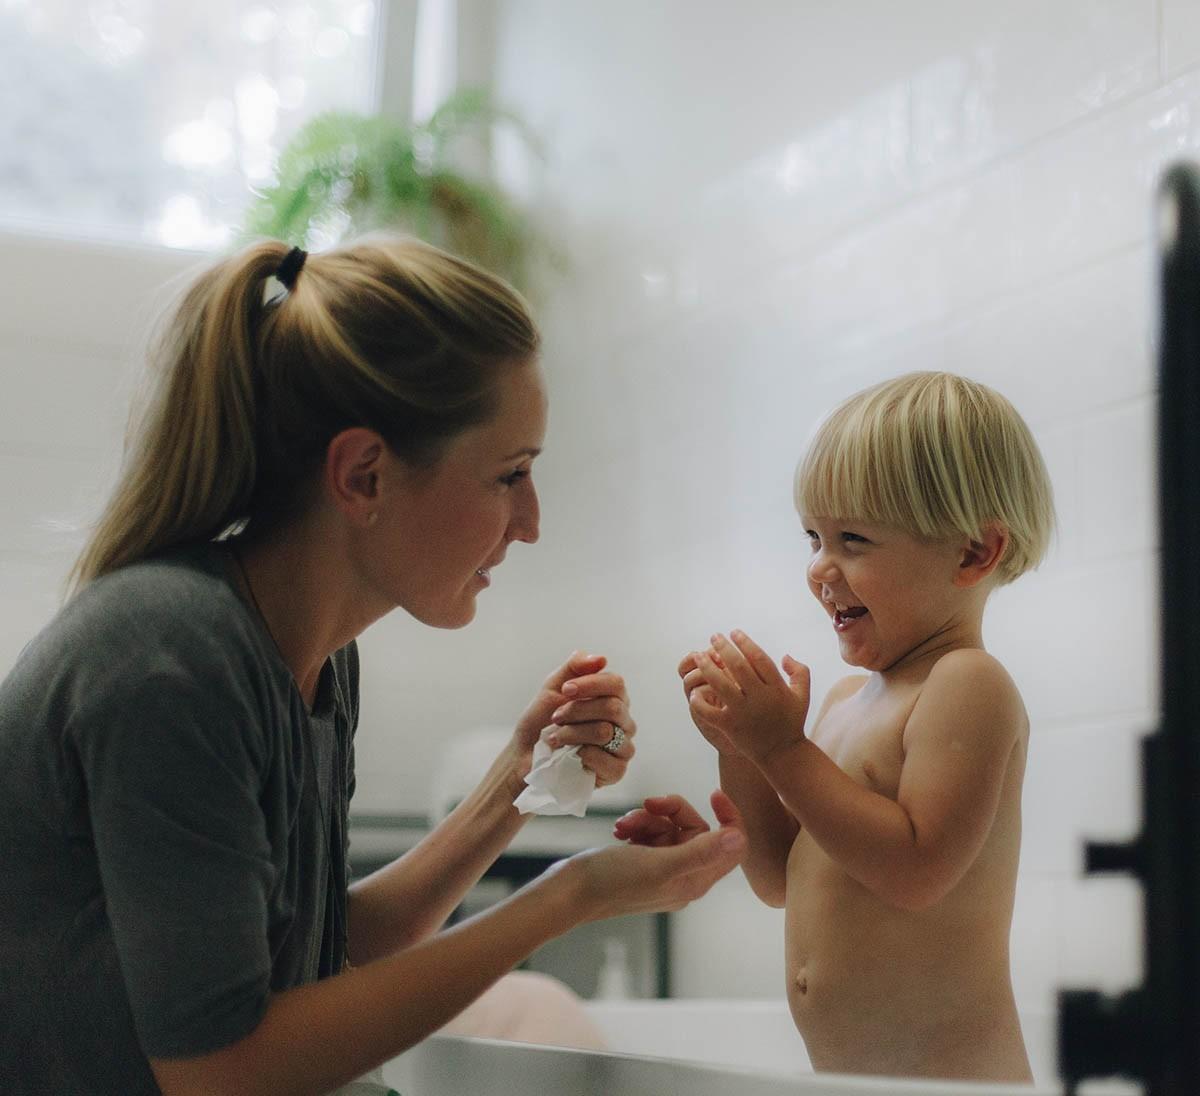 Blog Bambiboo - Pielęgnacja i higiena starszego dziecka - o czym warto pamiętać?